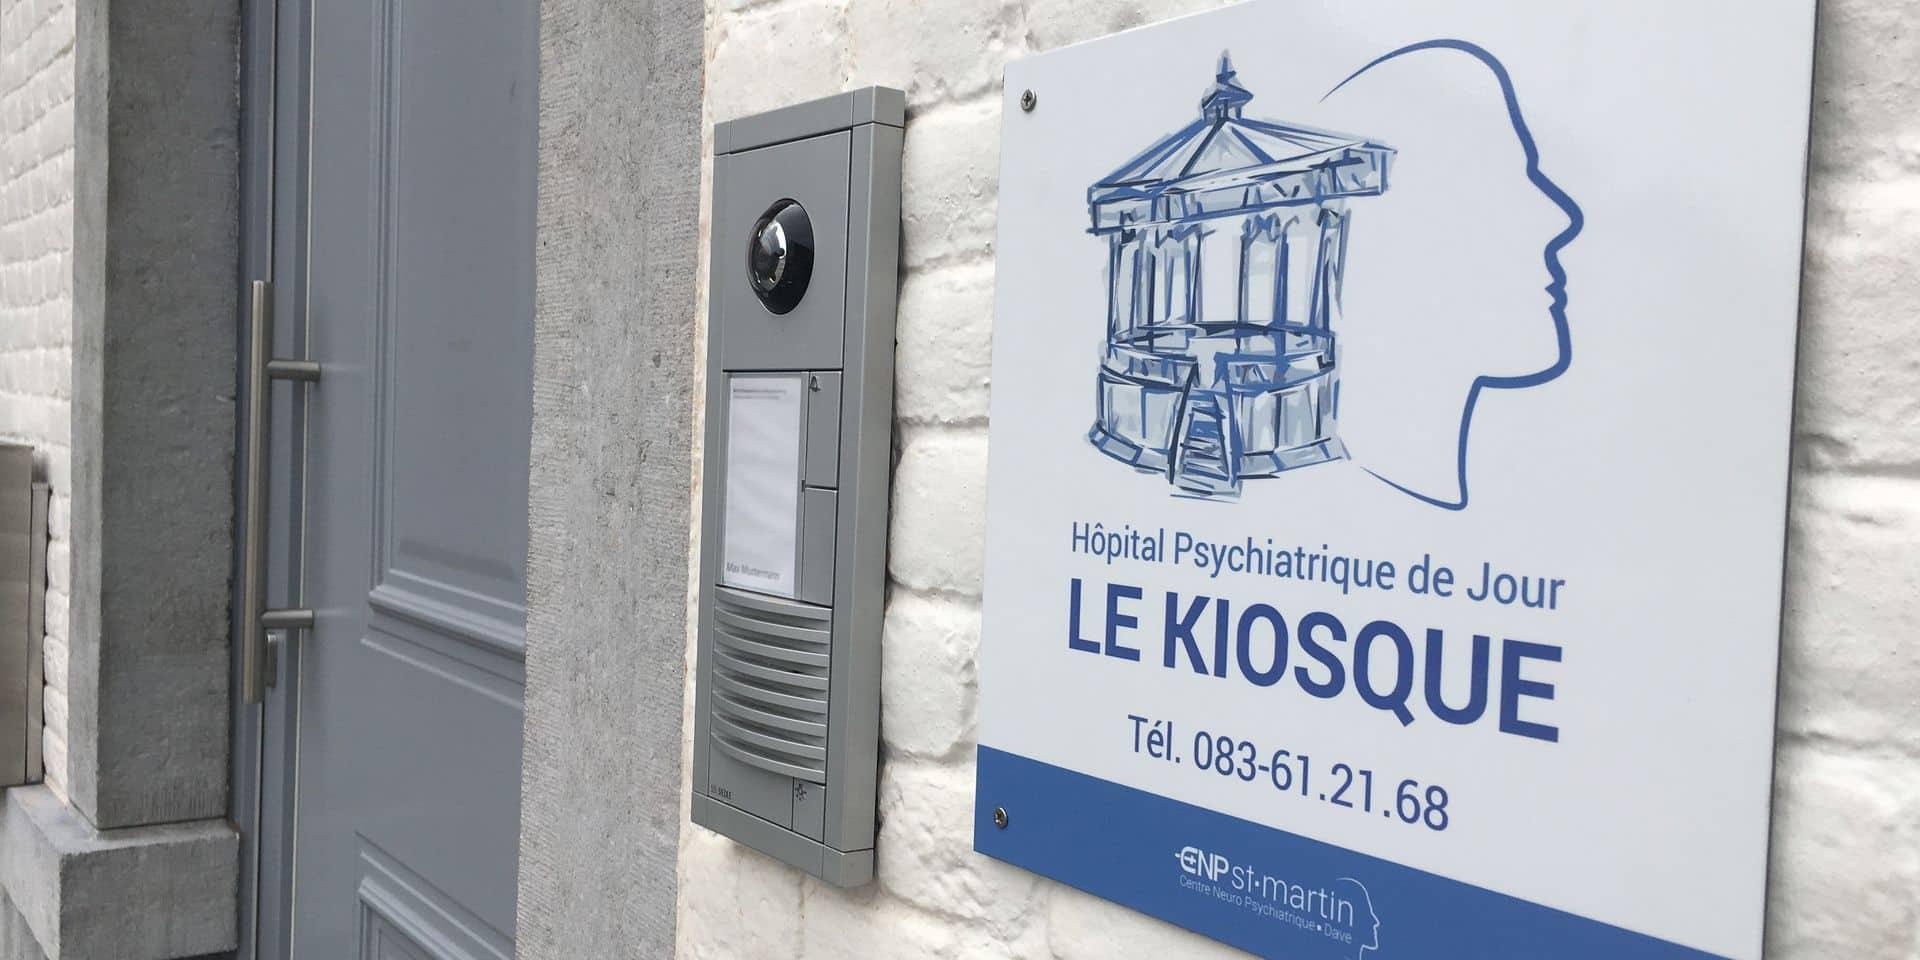 Le Kiosque : un hôpital psychiatrique de jour à Ciney